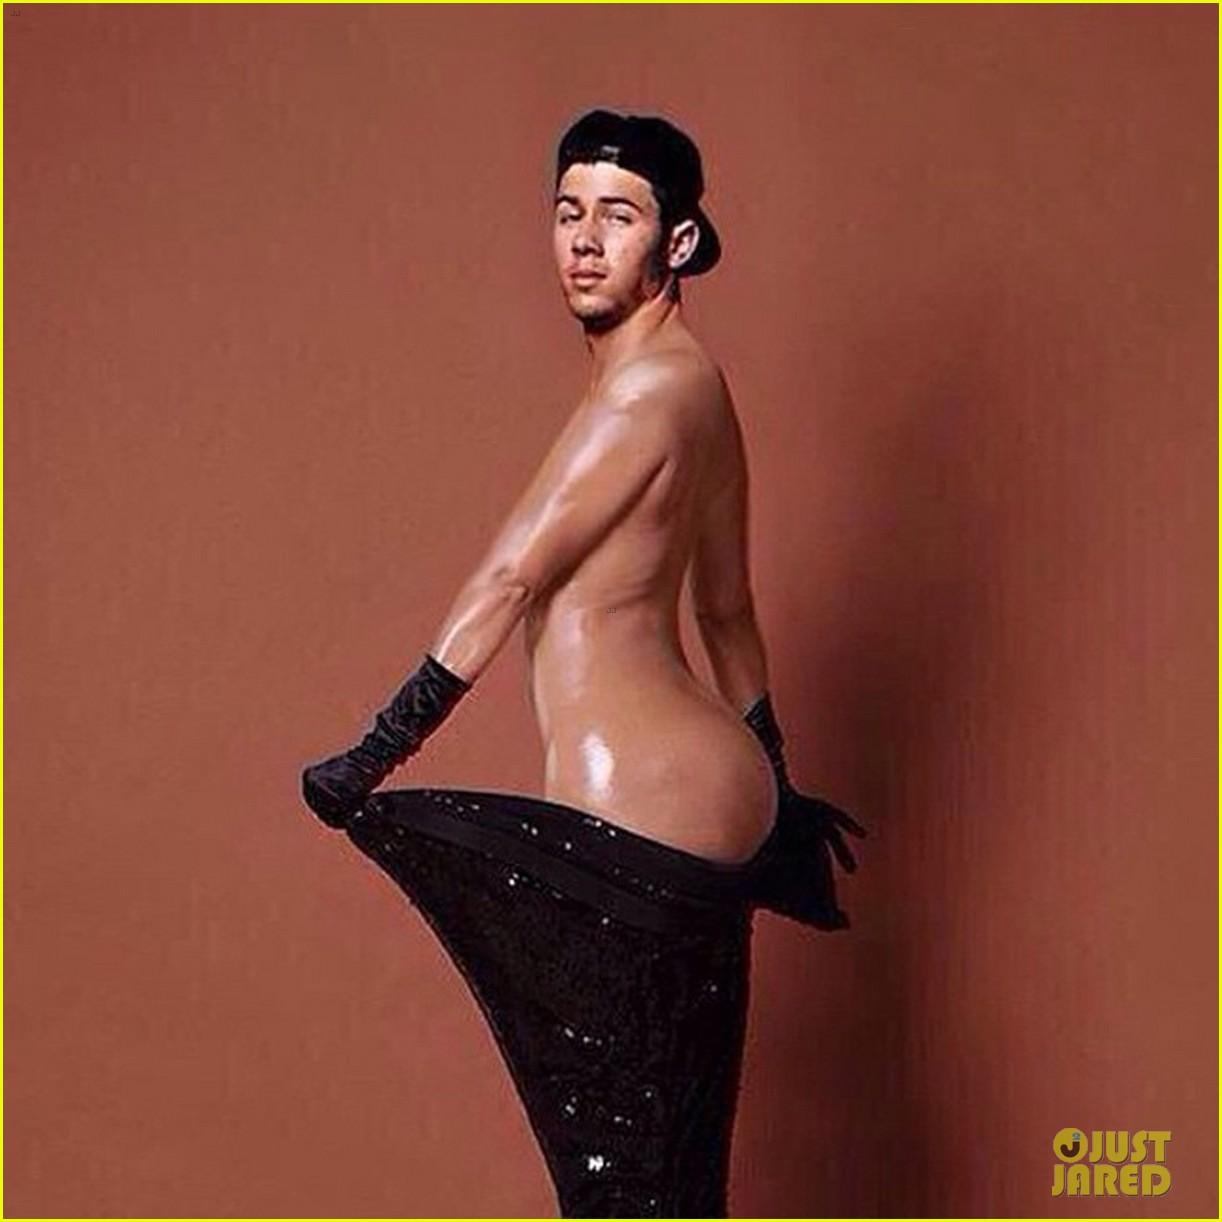 Sucking nude sex world photos xxx picture